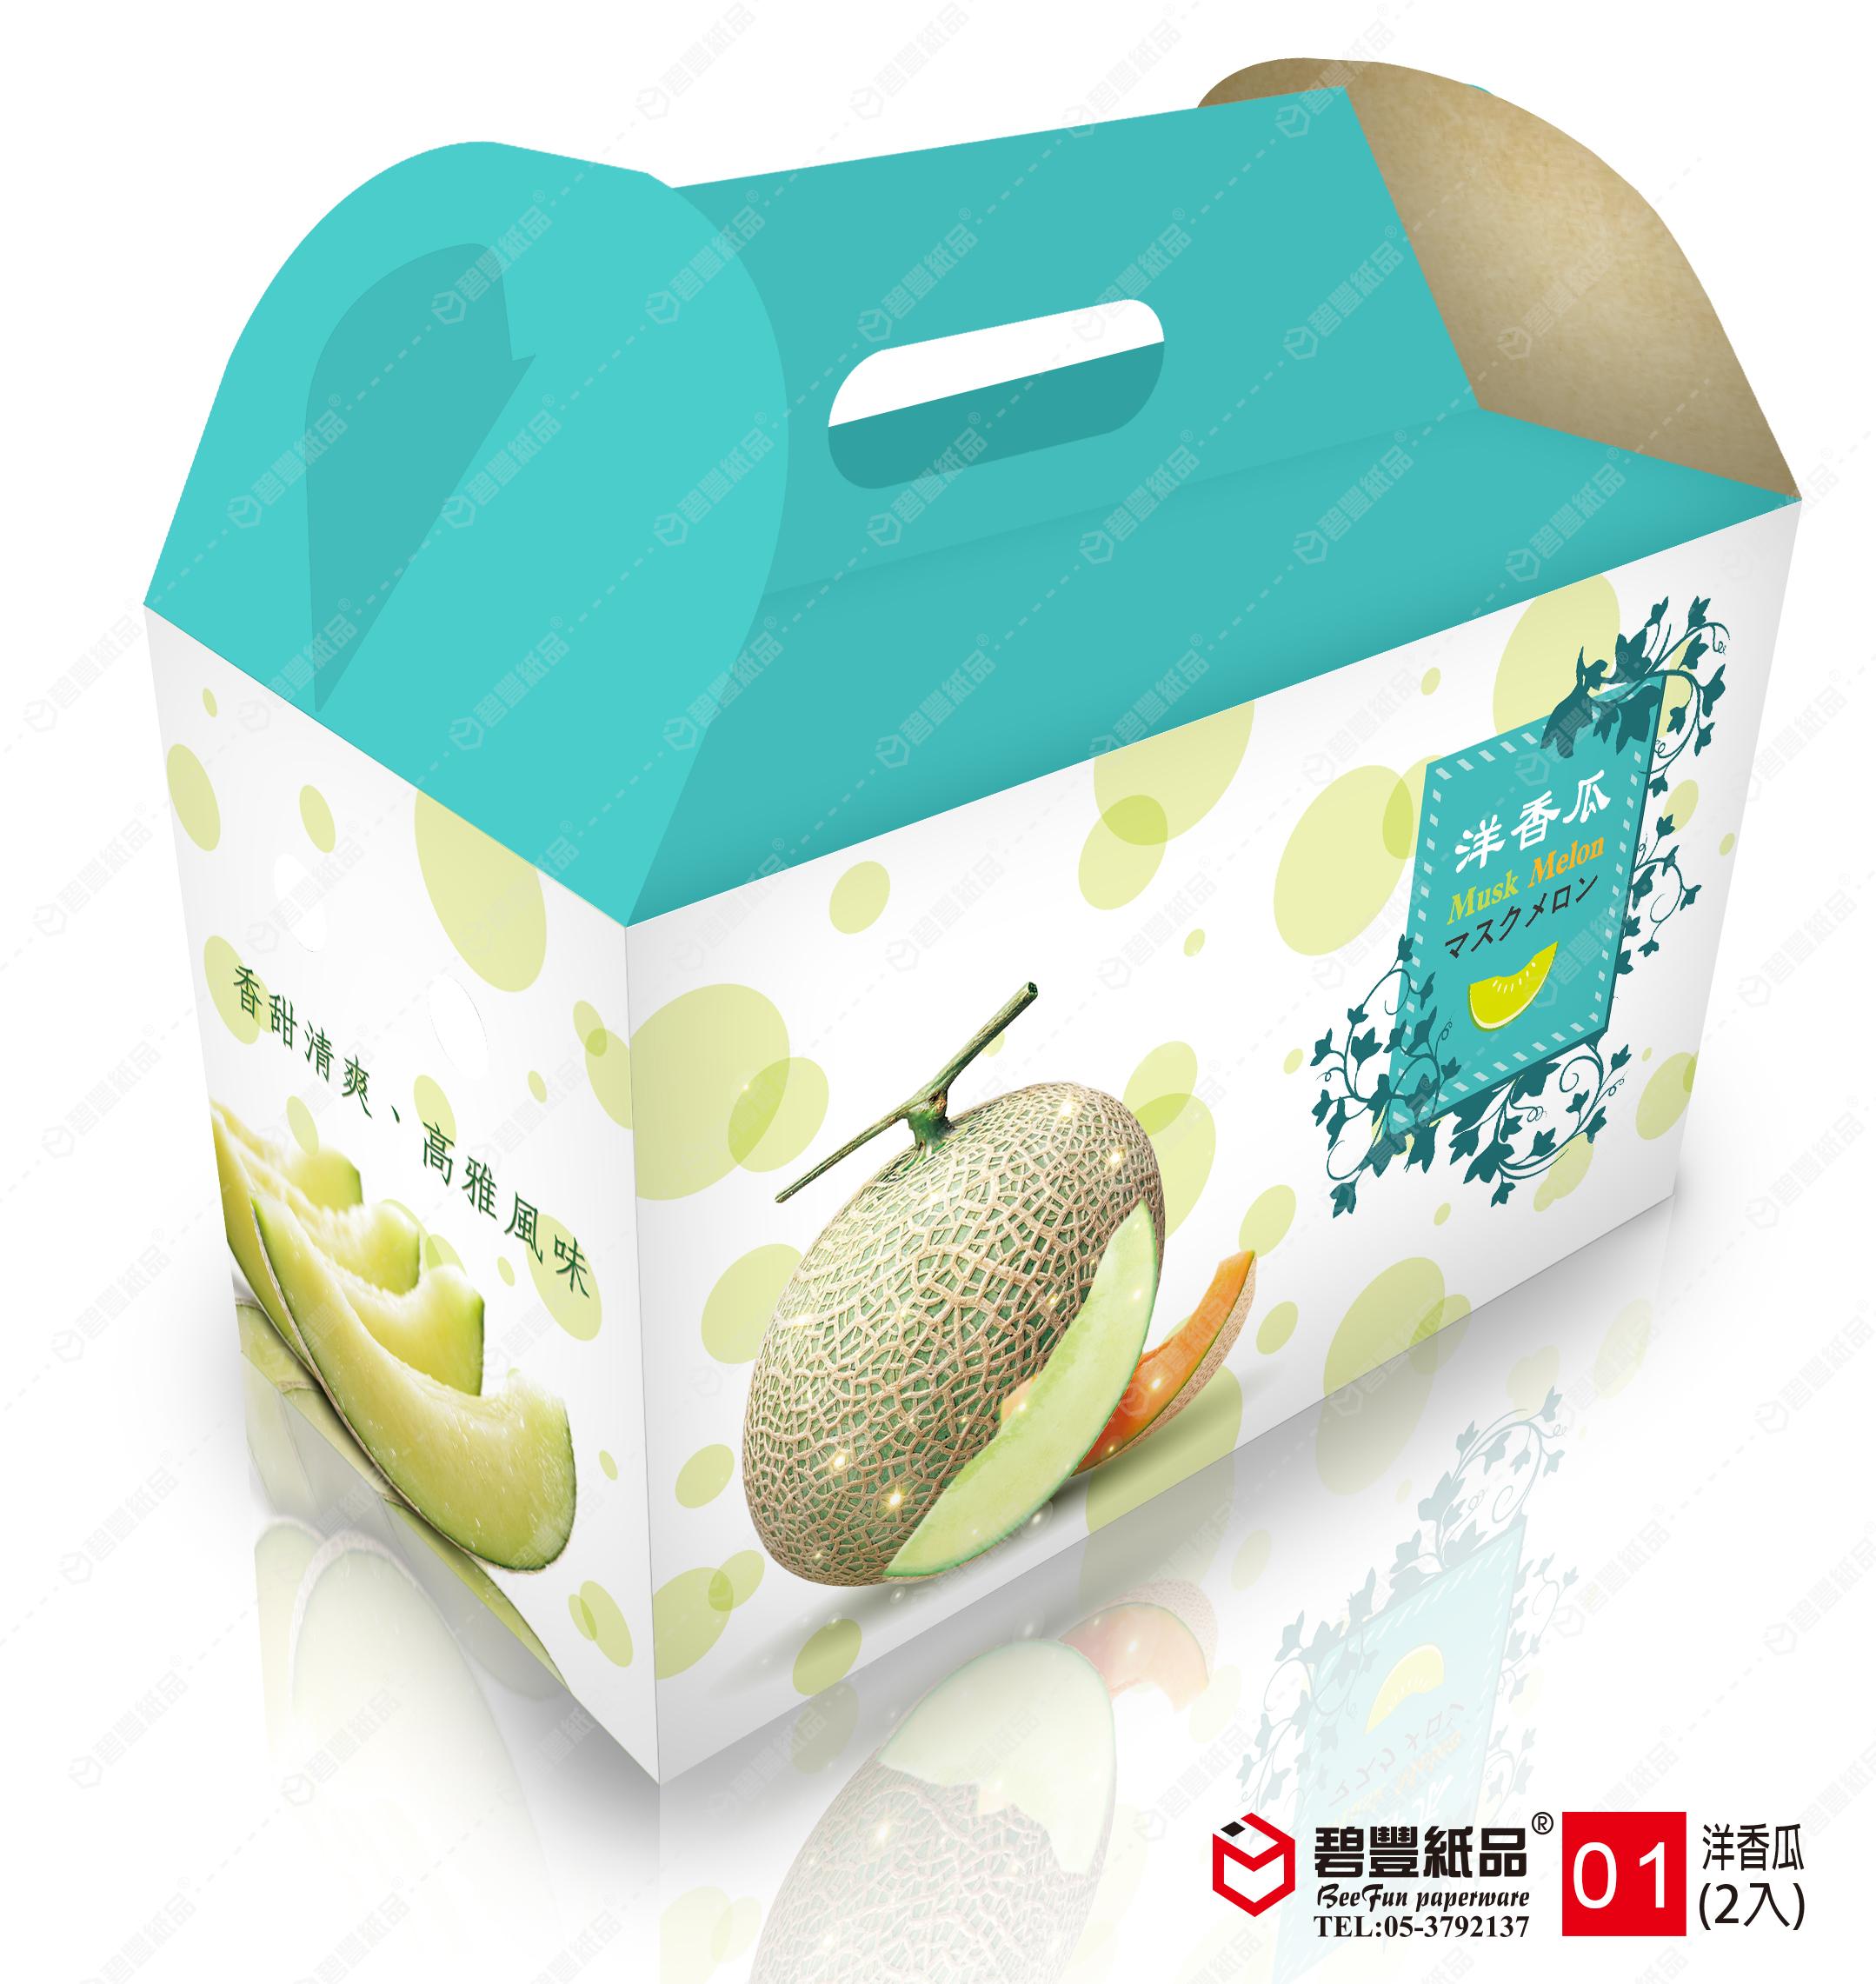 碧豐-洋香瓜二入手提式禮盒-1號